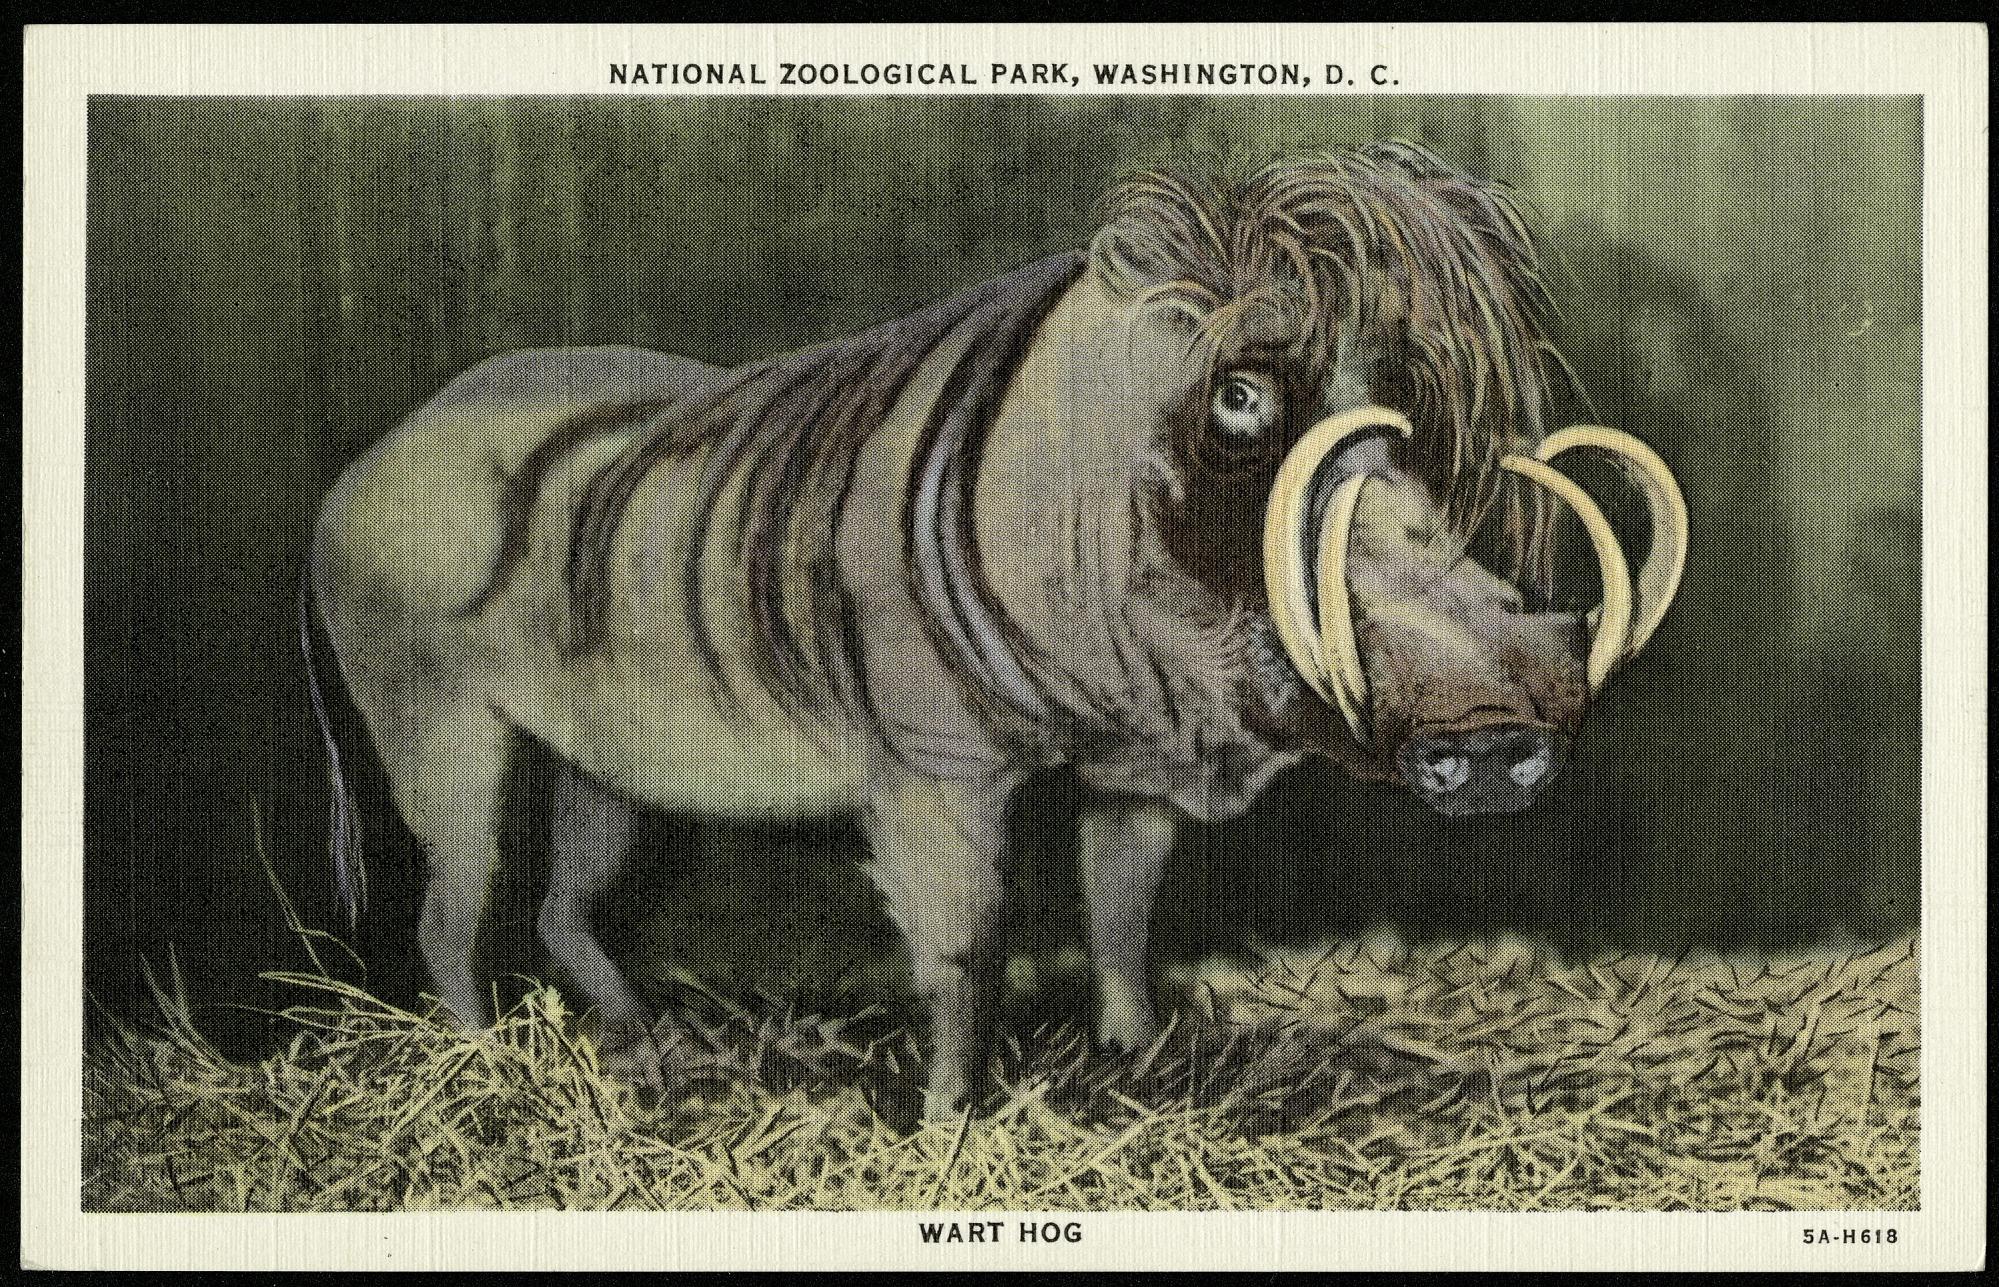 Postcard of a Wart Hog